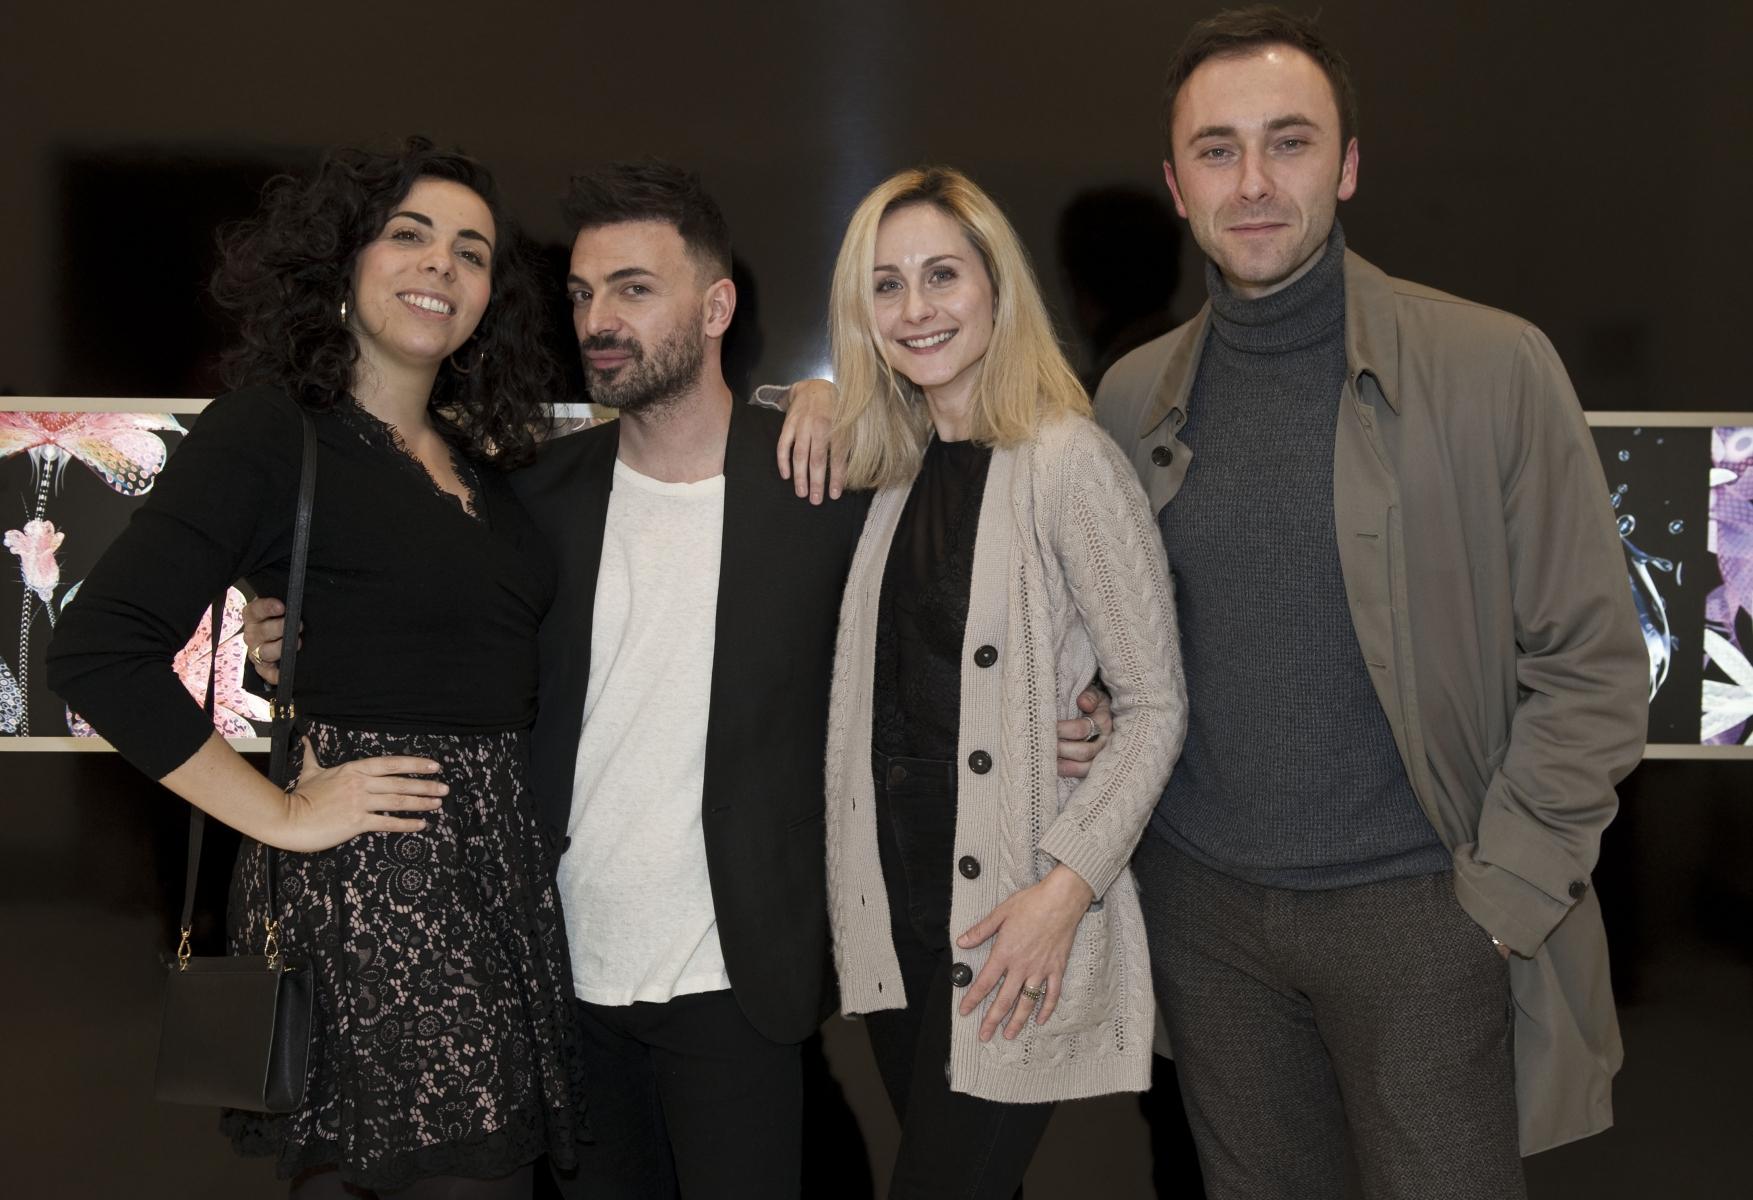 Valentina Ruggeri, Simone Belli, Francesca Nerozzi, Marius Bizau